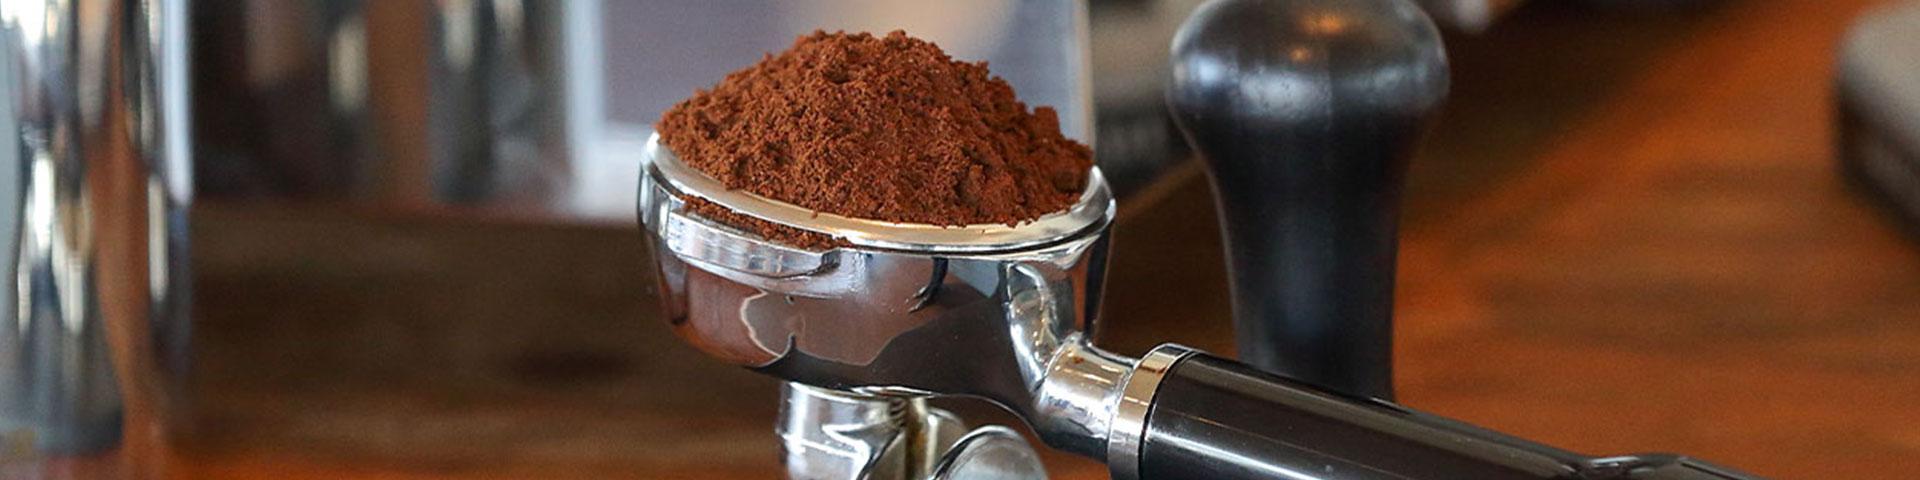 Kaffeemühlen - Für zuhause